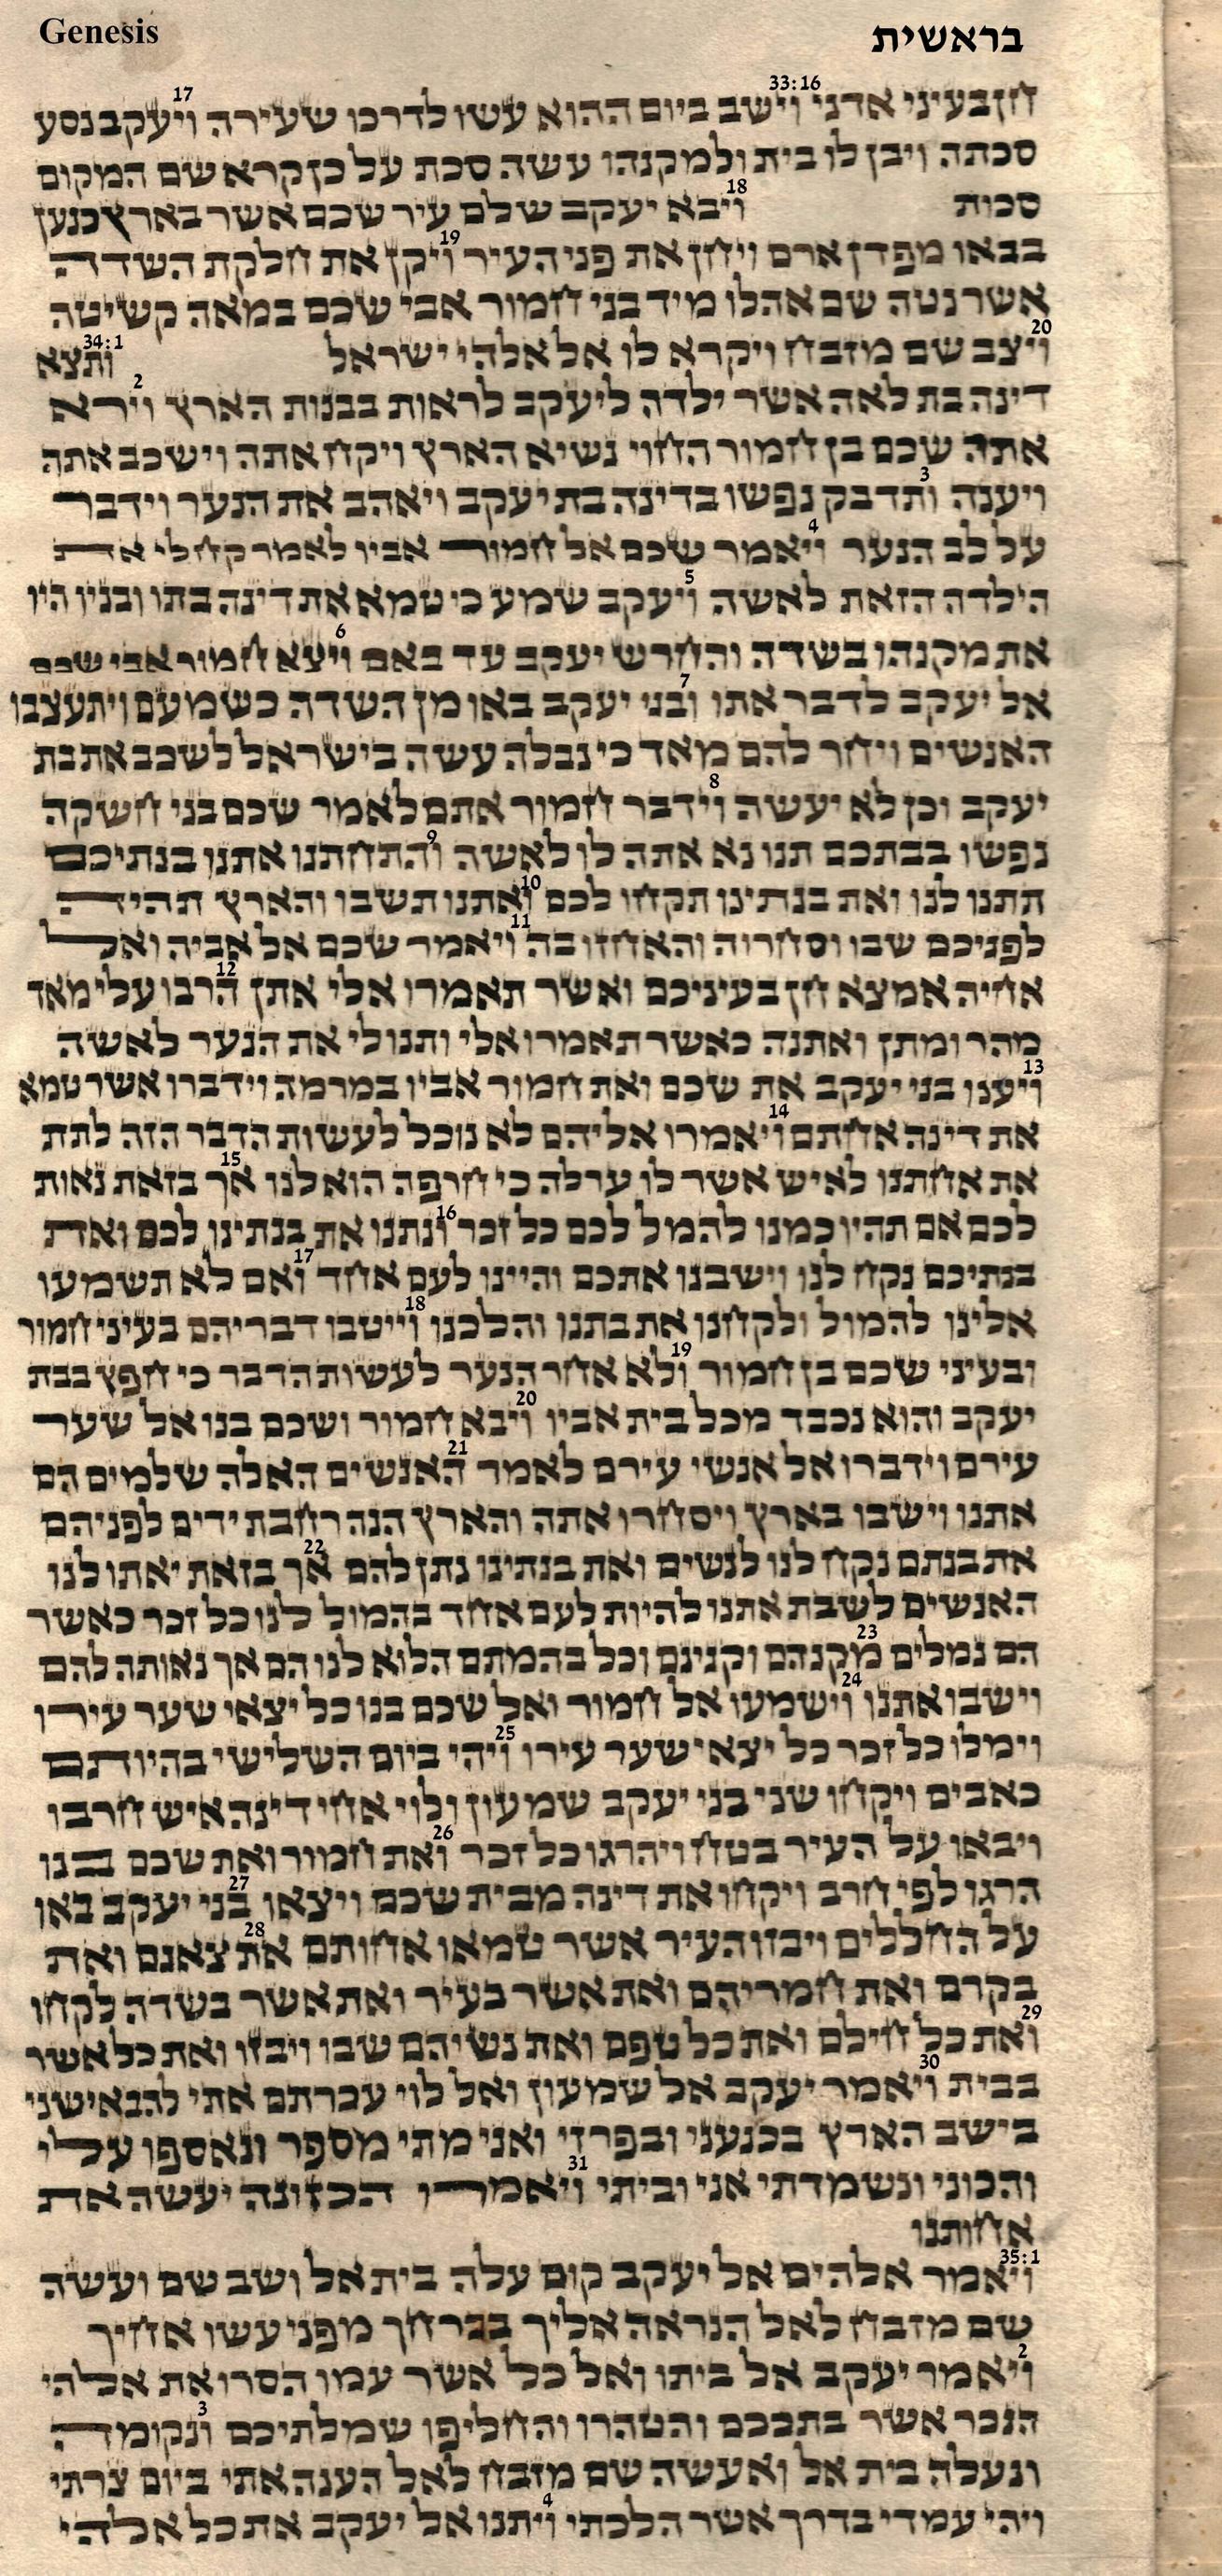 Genesis 33.16 - 35.4